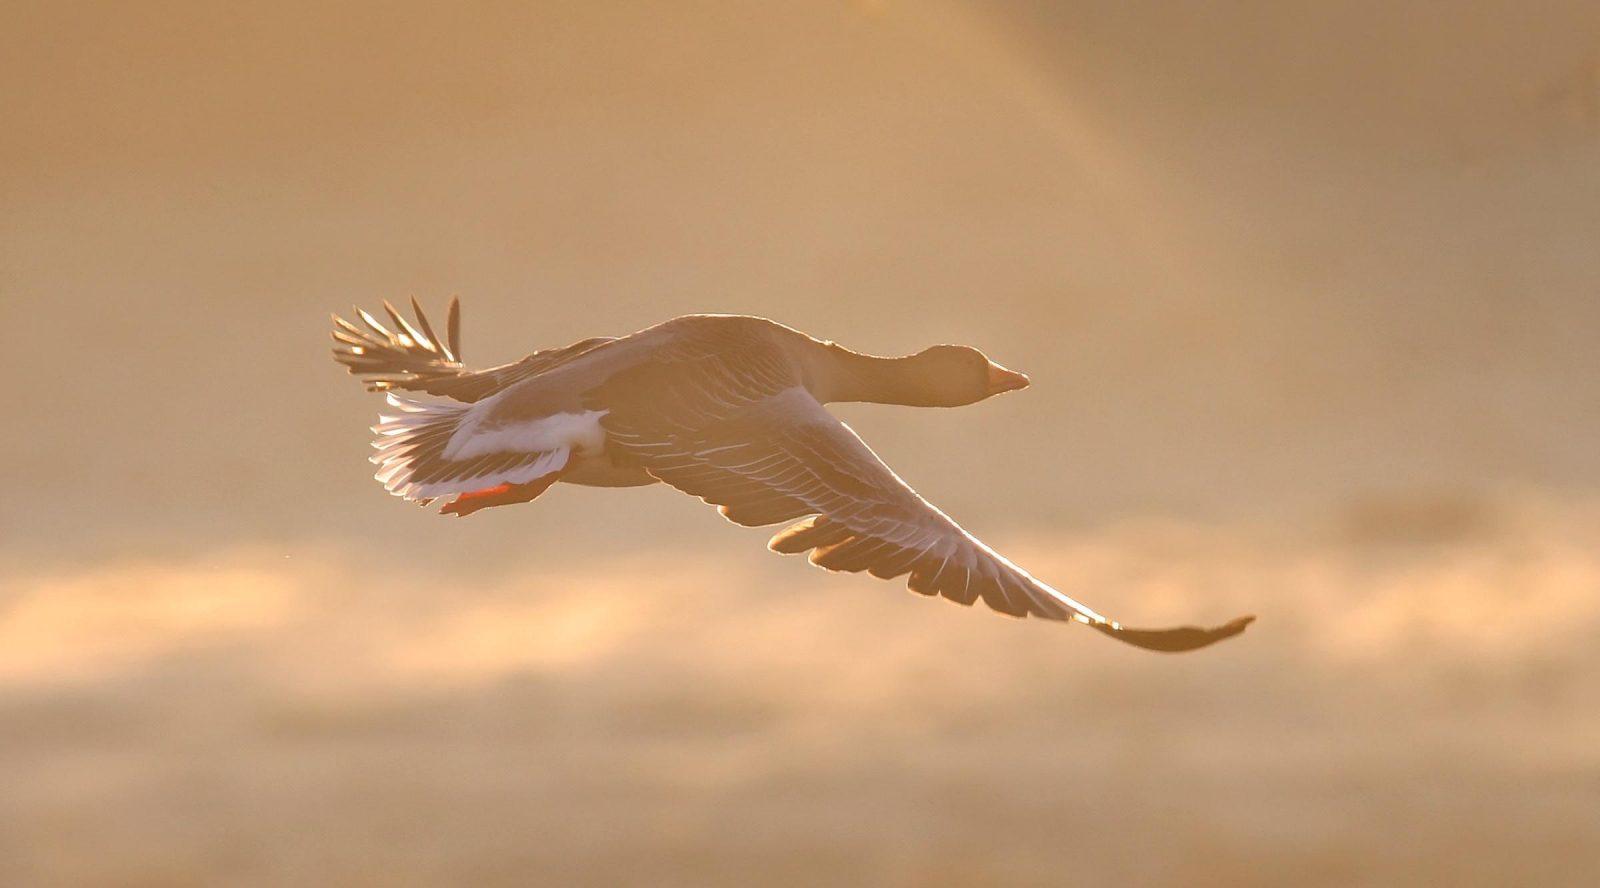 une oie cendrée en vol dans le ciel